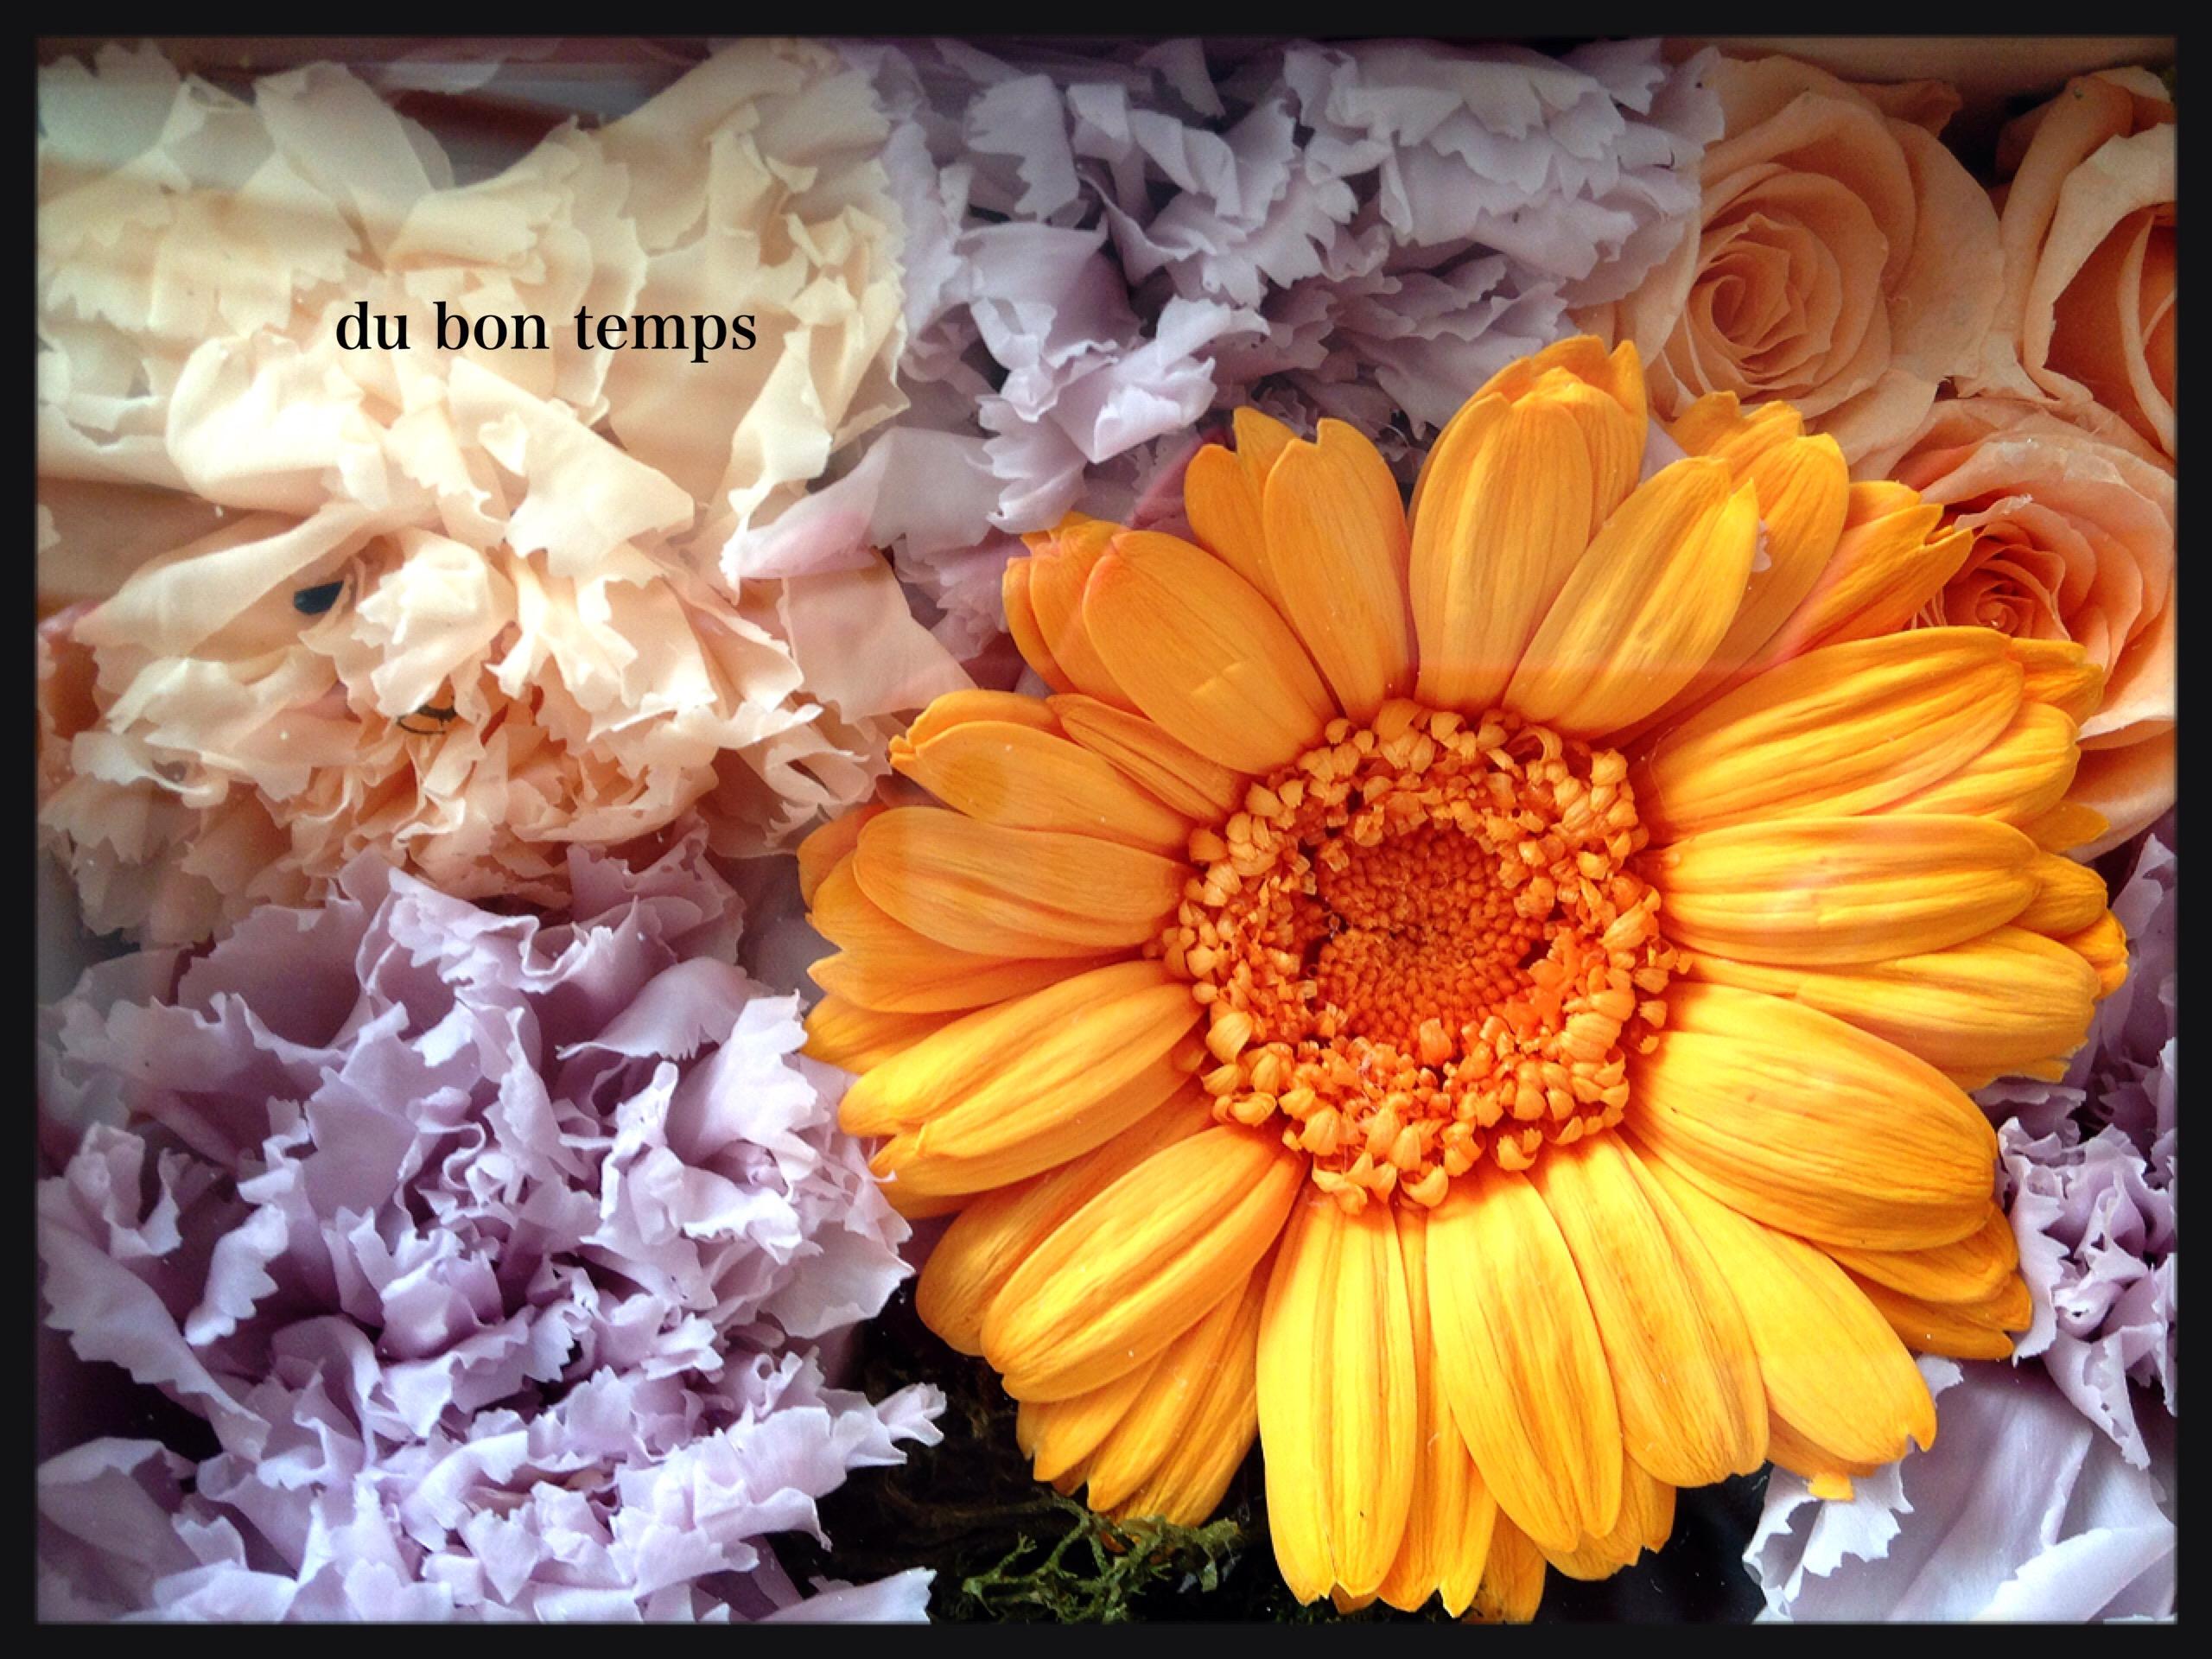 母の日,母の日ギフト,母の日レッスン,プリザーブドフラワー,新潟,du bon temps,デュボンタン,フォトフレーム